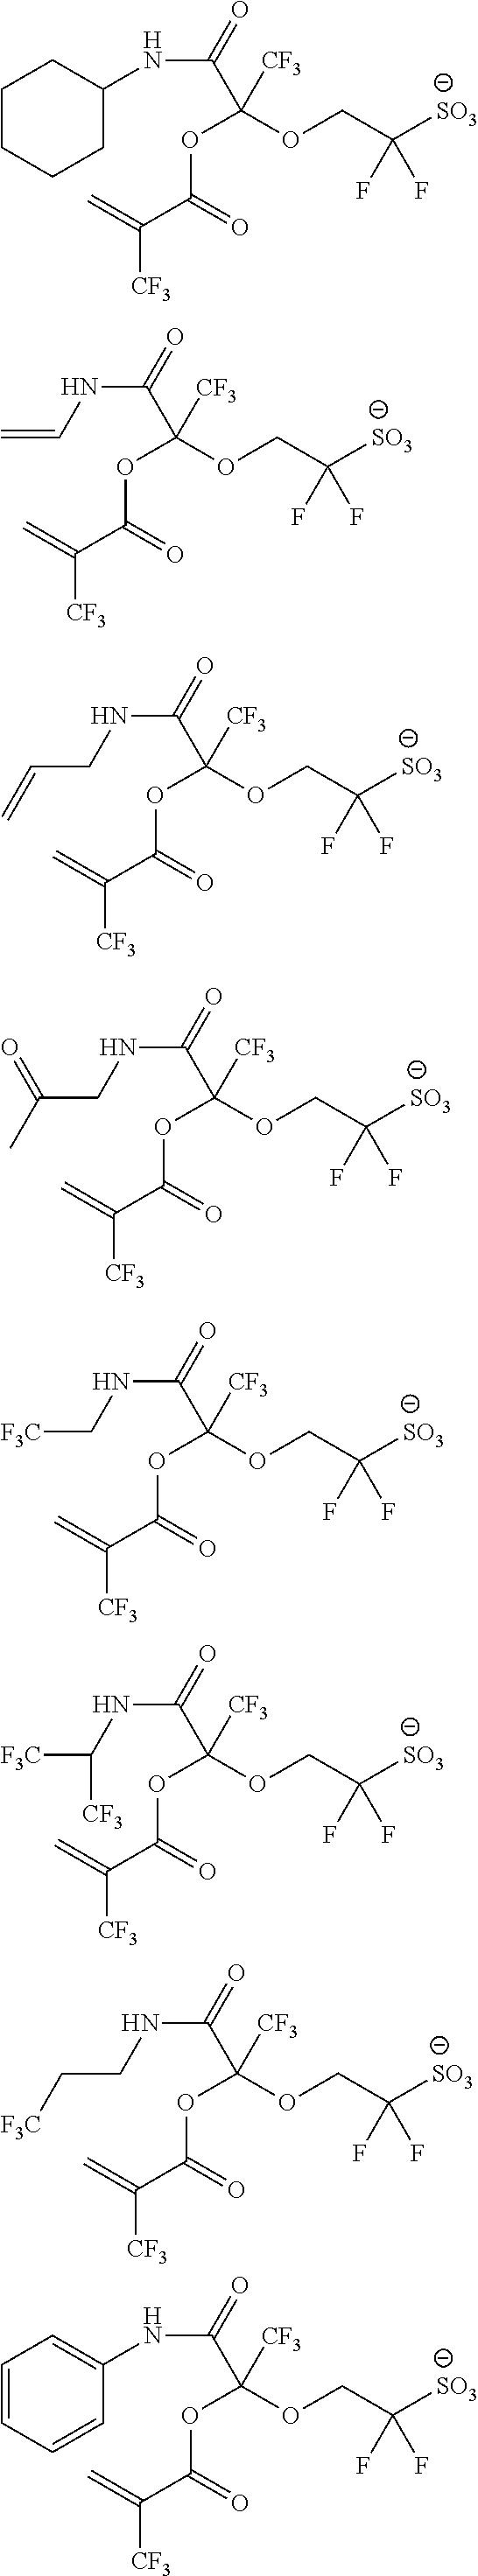 Figure US09182664-20151110-C00042